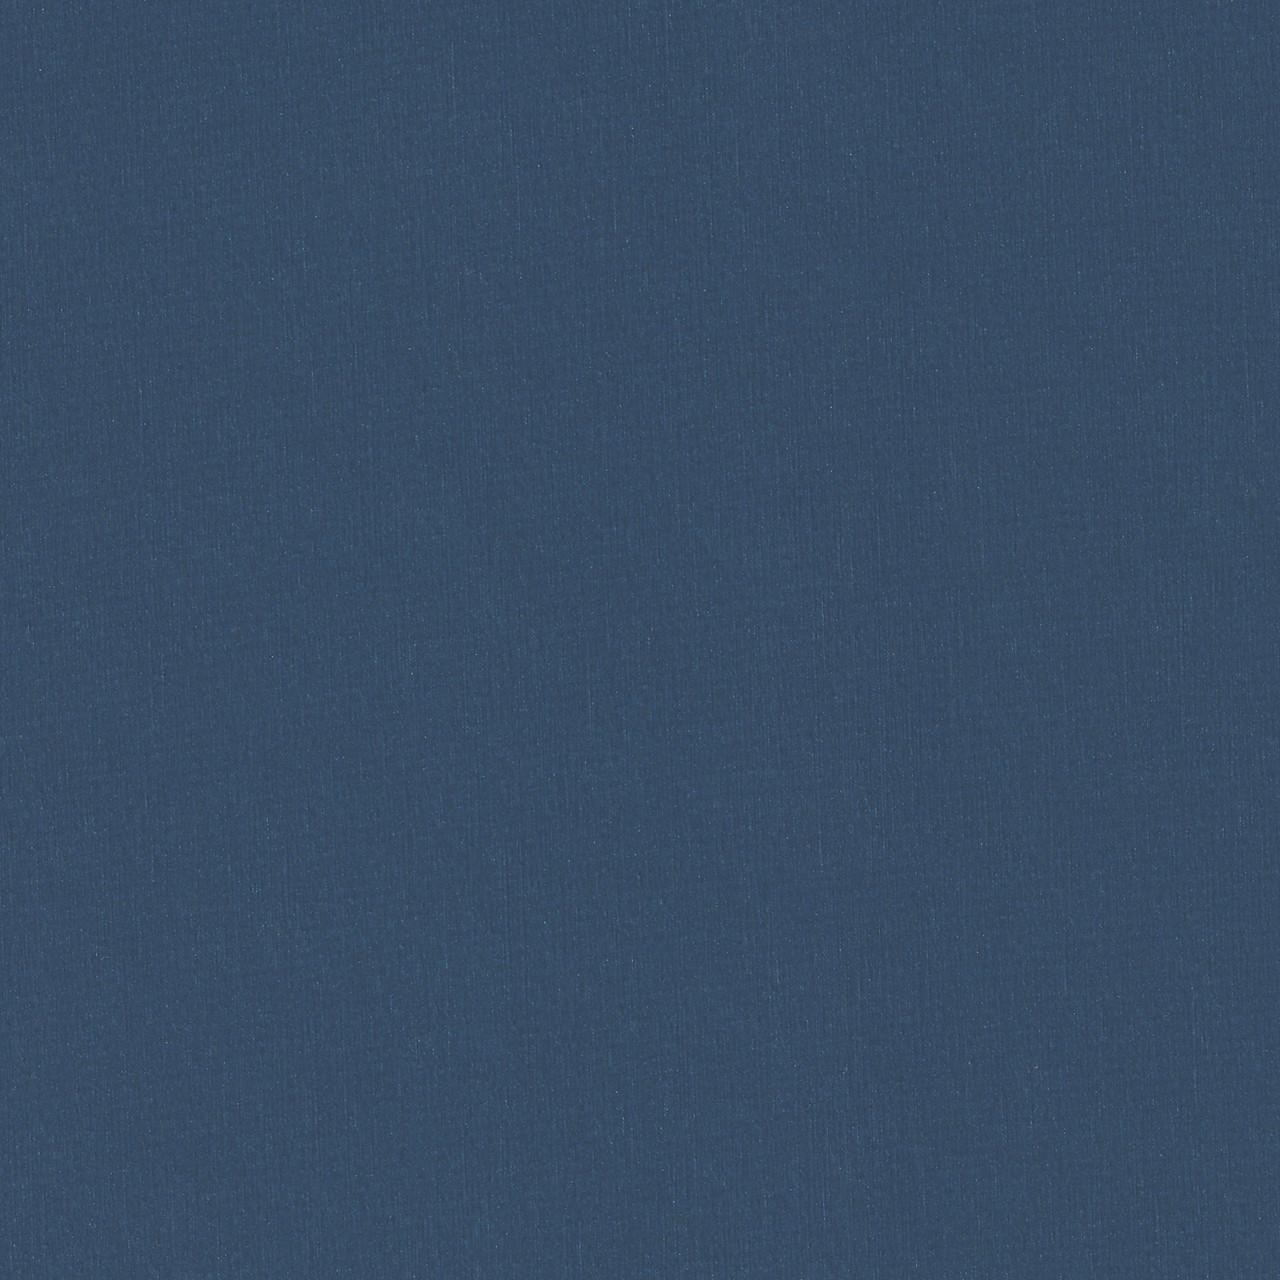 Reflex REF-7804 Sapphire